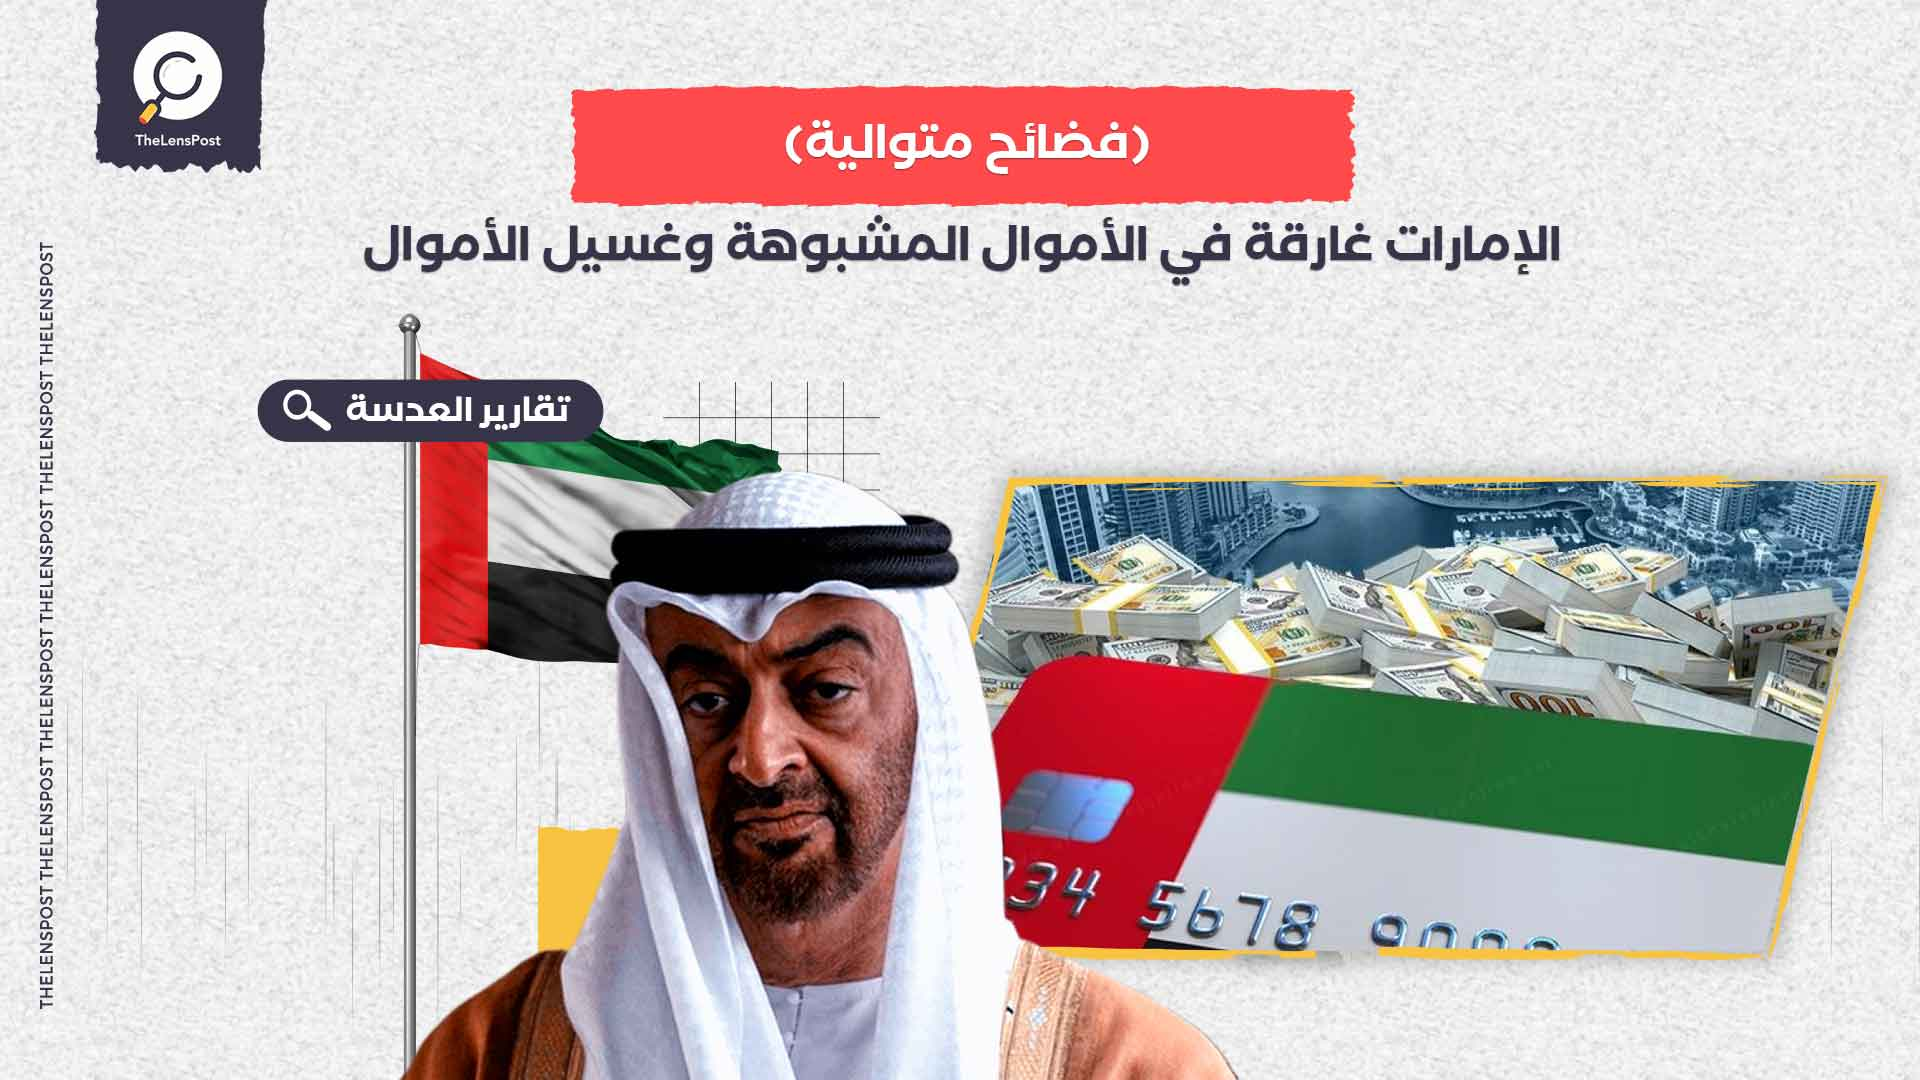 الإمارات-غارقة-في-الأموال-المشبوهة-وغسيل-الأموال